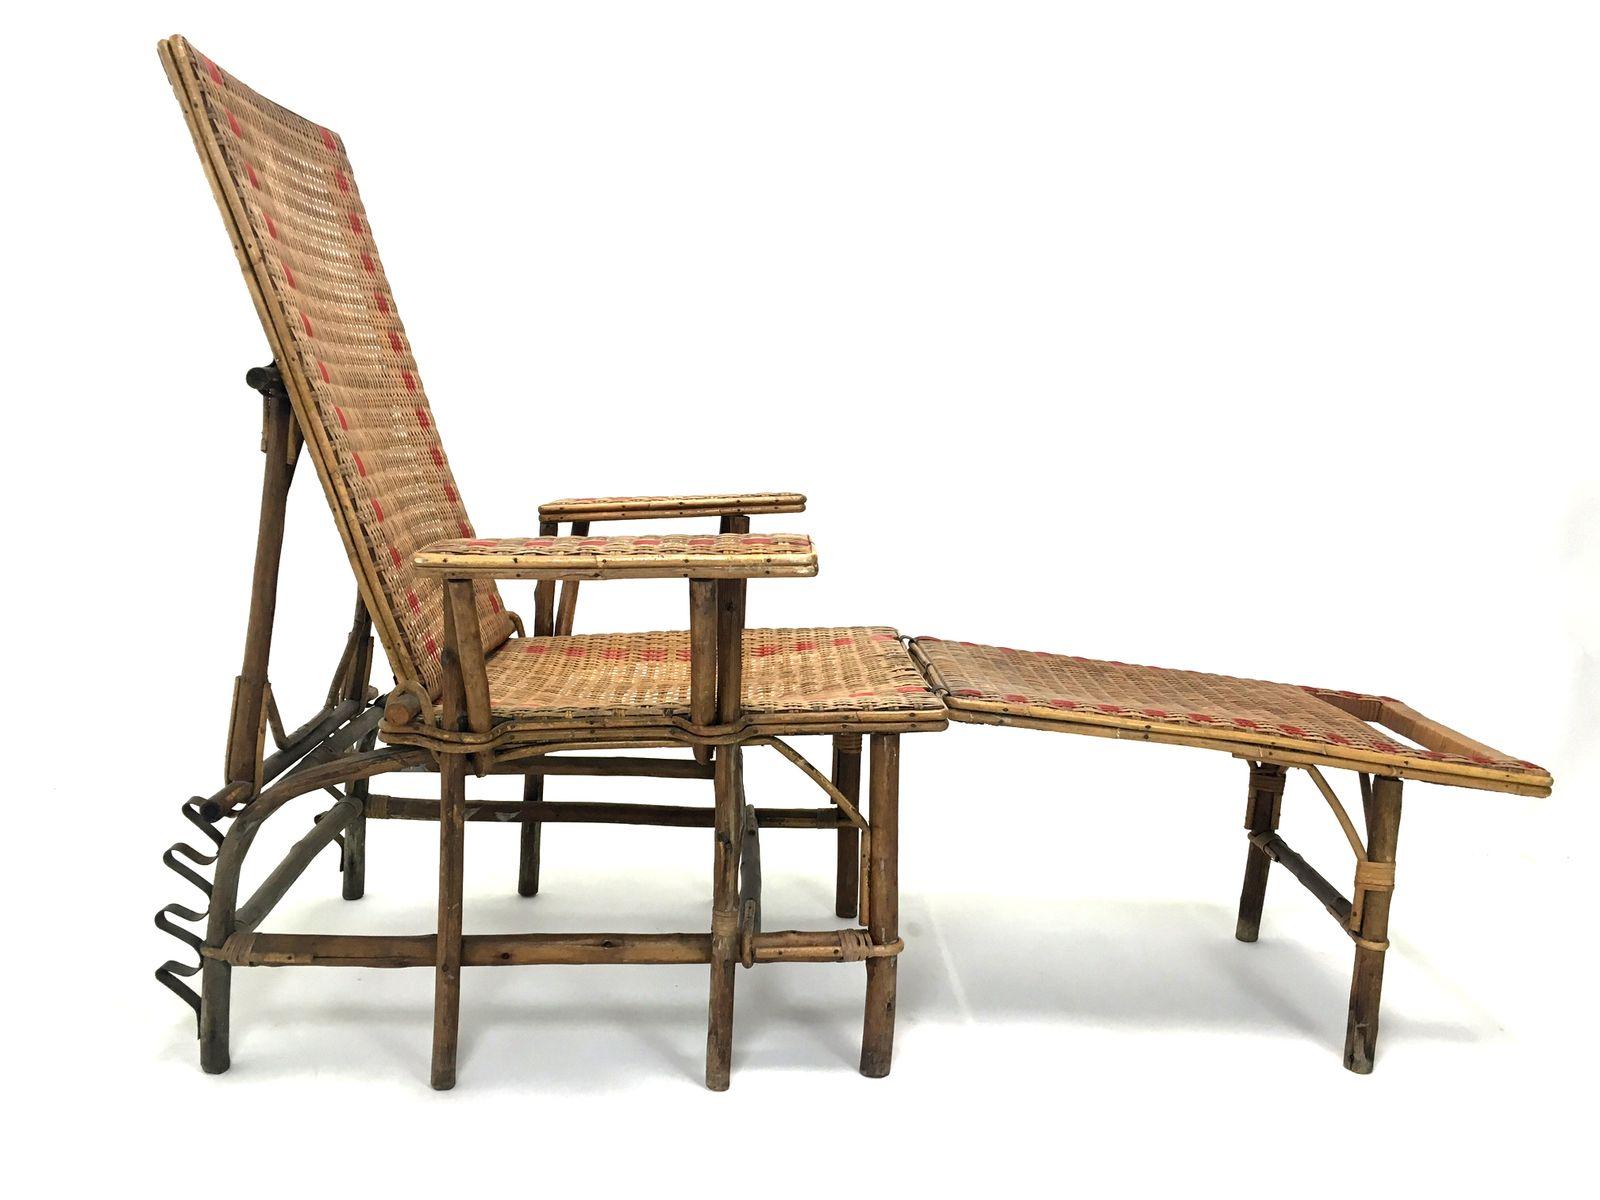 https://cdn10.pamono.com/p/z/1/2/120988_omdpzkqwln/poltrona-con-poggiapiedi-in-vimini-e-bamboo-francia-anni-20-immagine-2.jpg